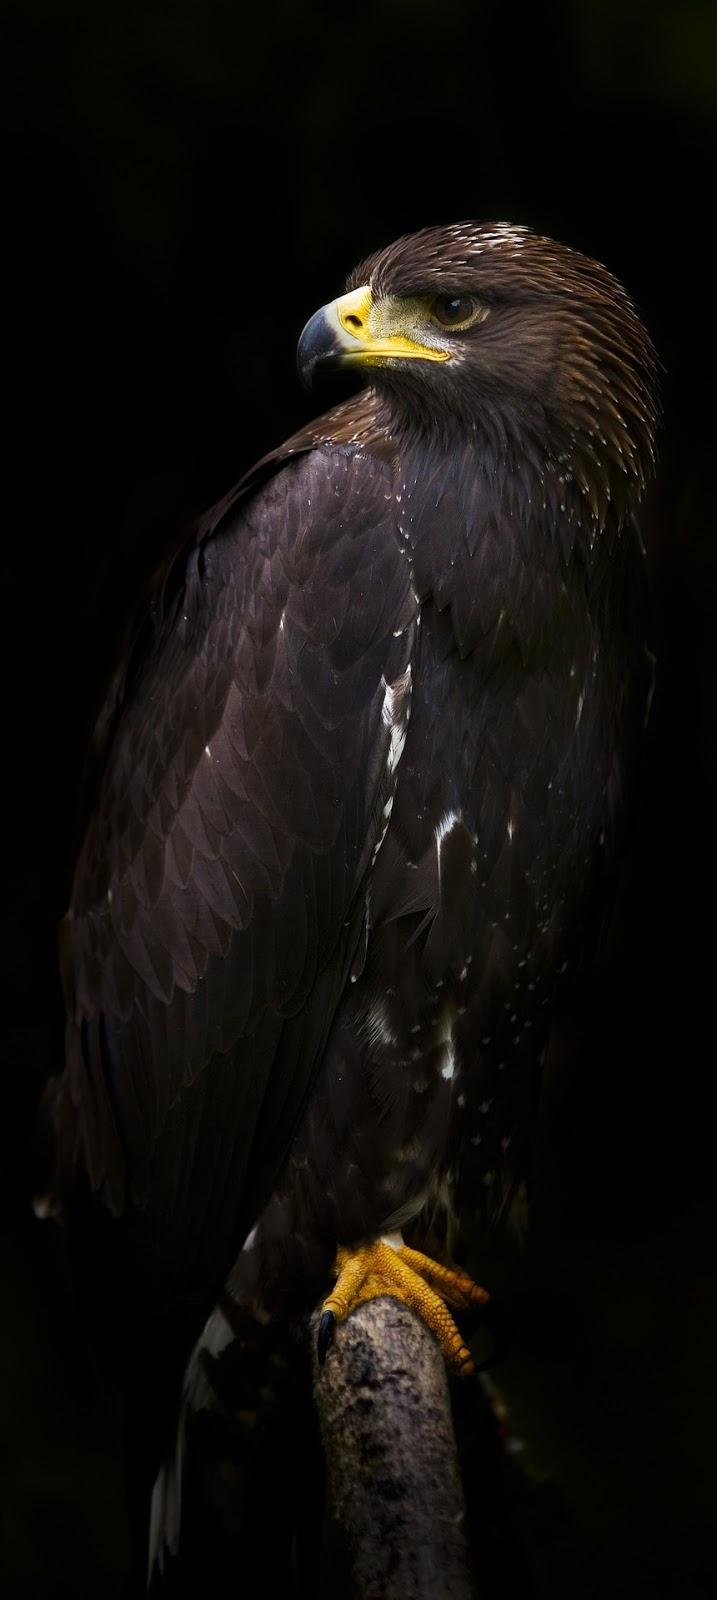 Majestic eagle.